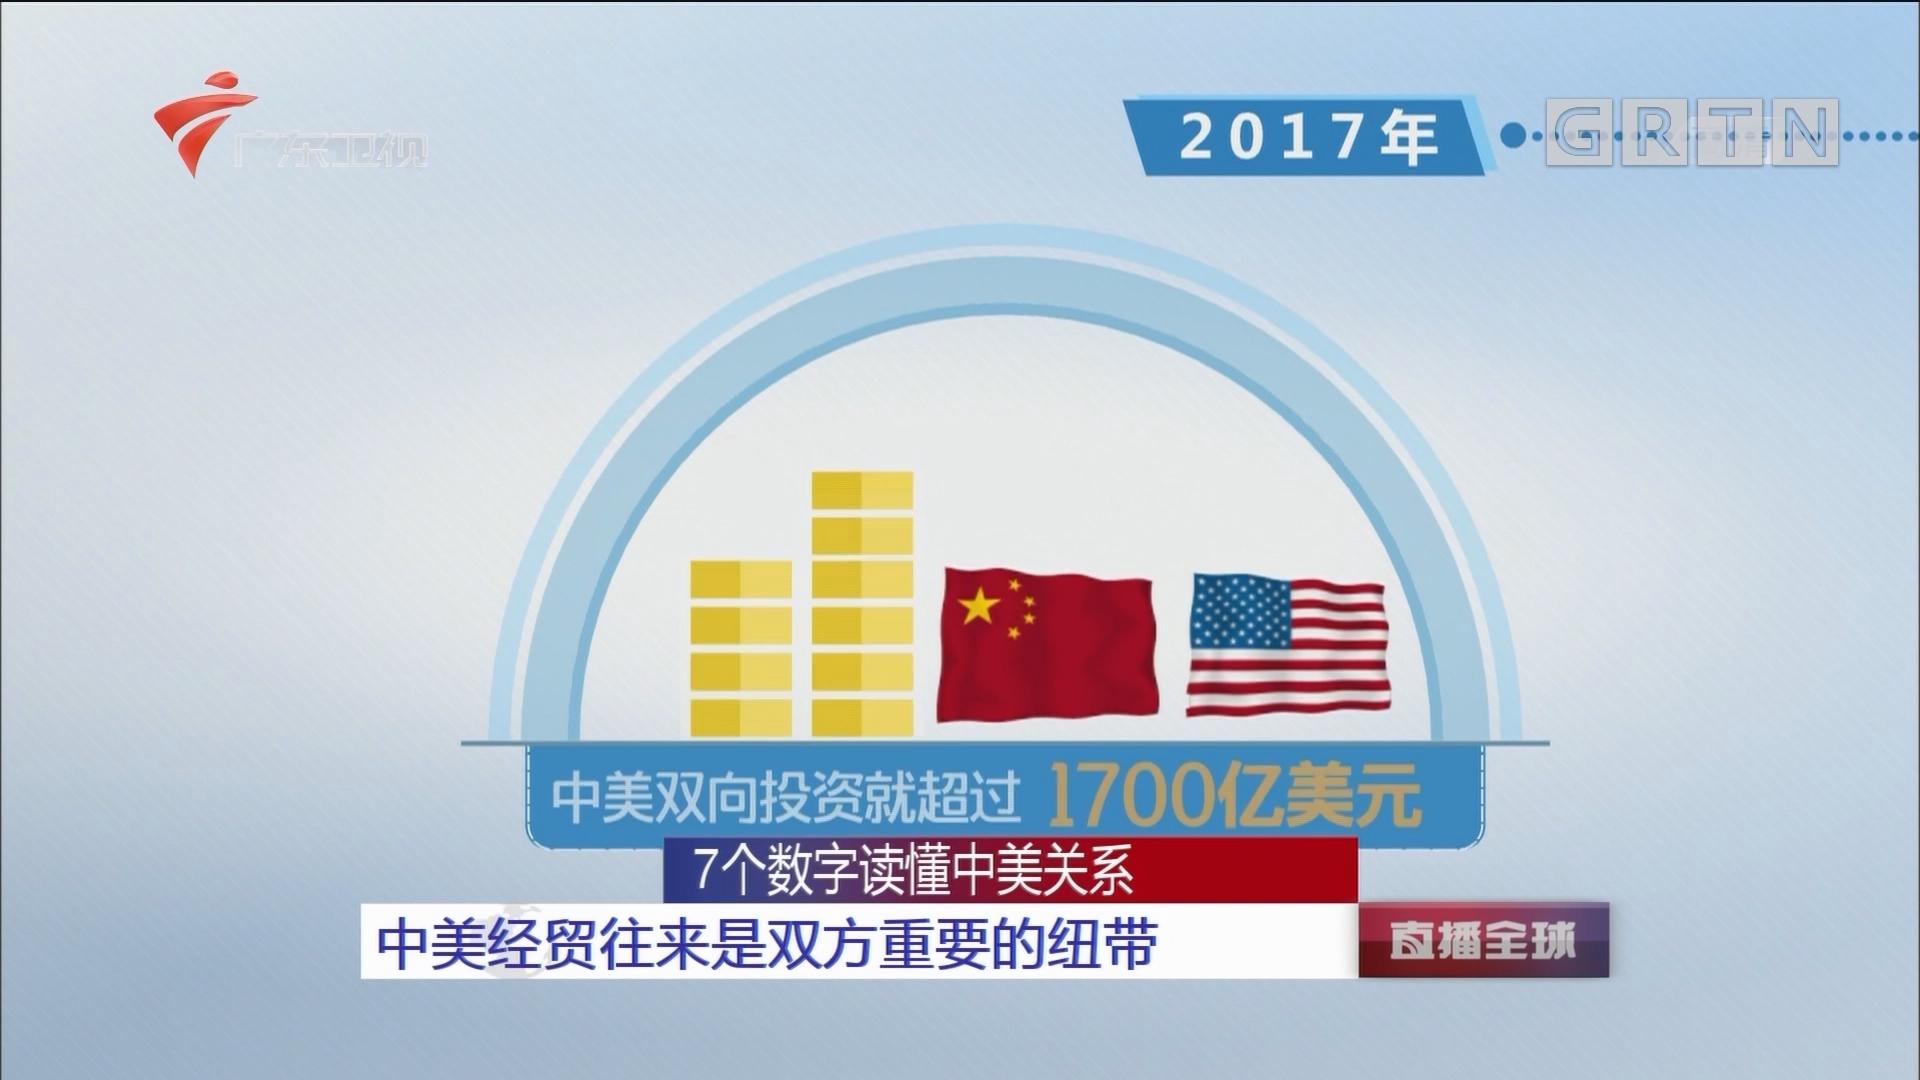 7个数字读懂中美关系:中美经贸往来是双方重要的纽带